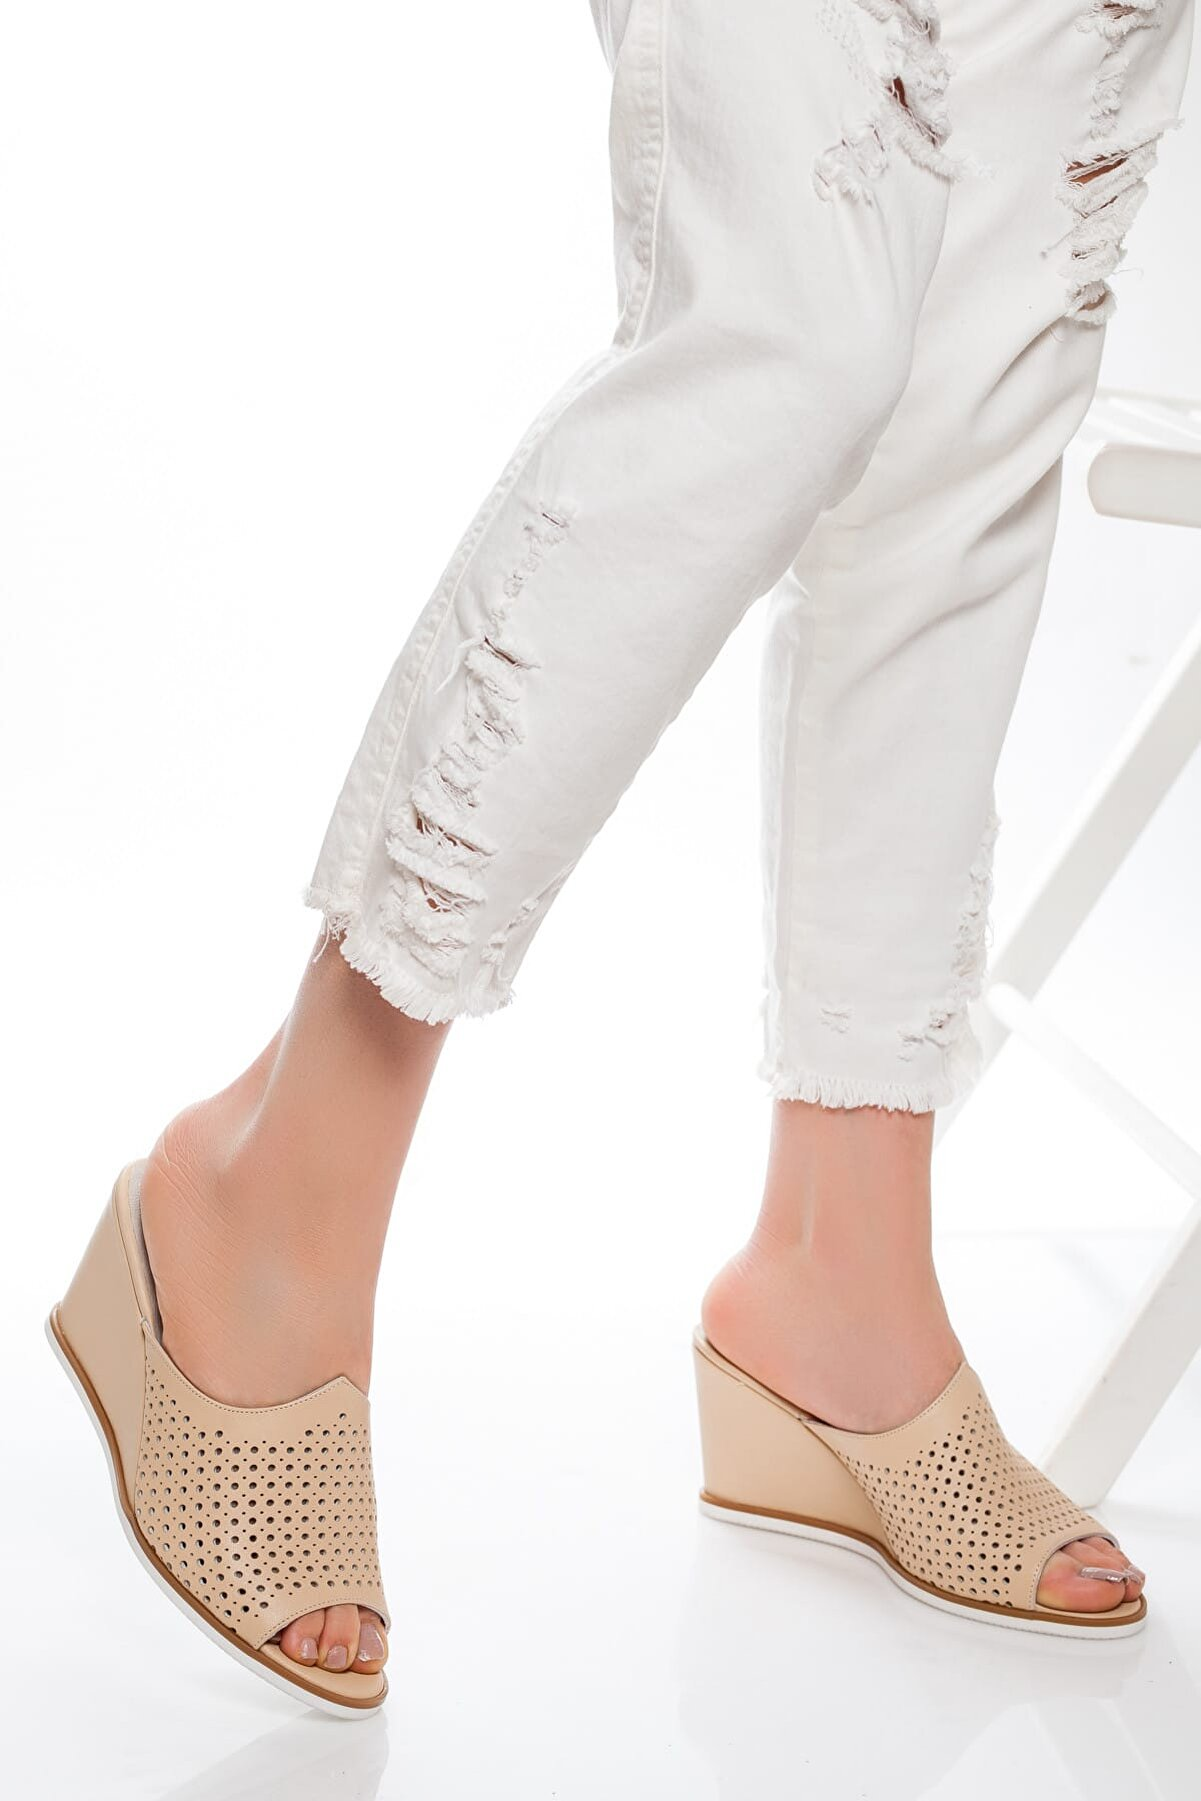 Deripabuc Hakiki Deri Bej Kadın Deri Kadın Topuklu Klasik Ayakkabı Shn-0078